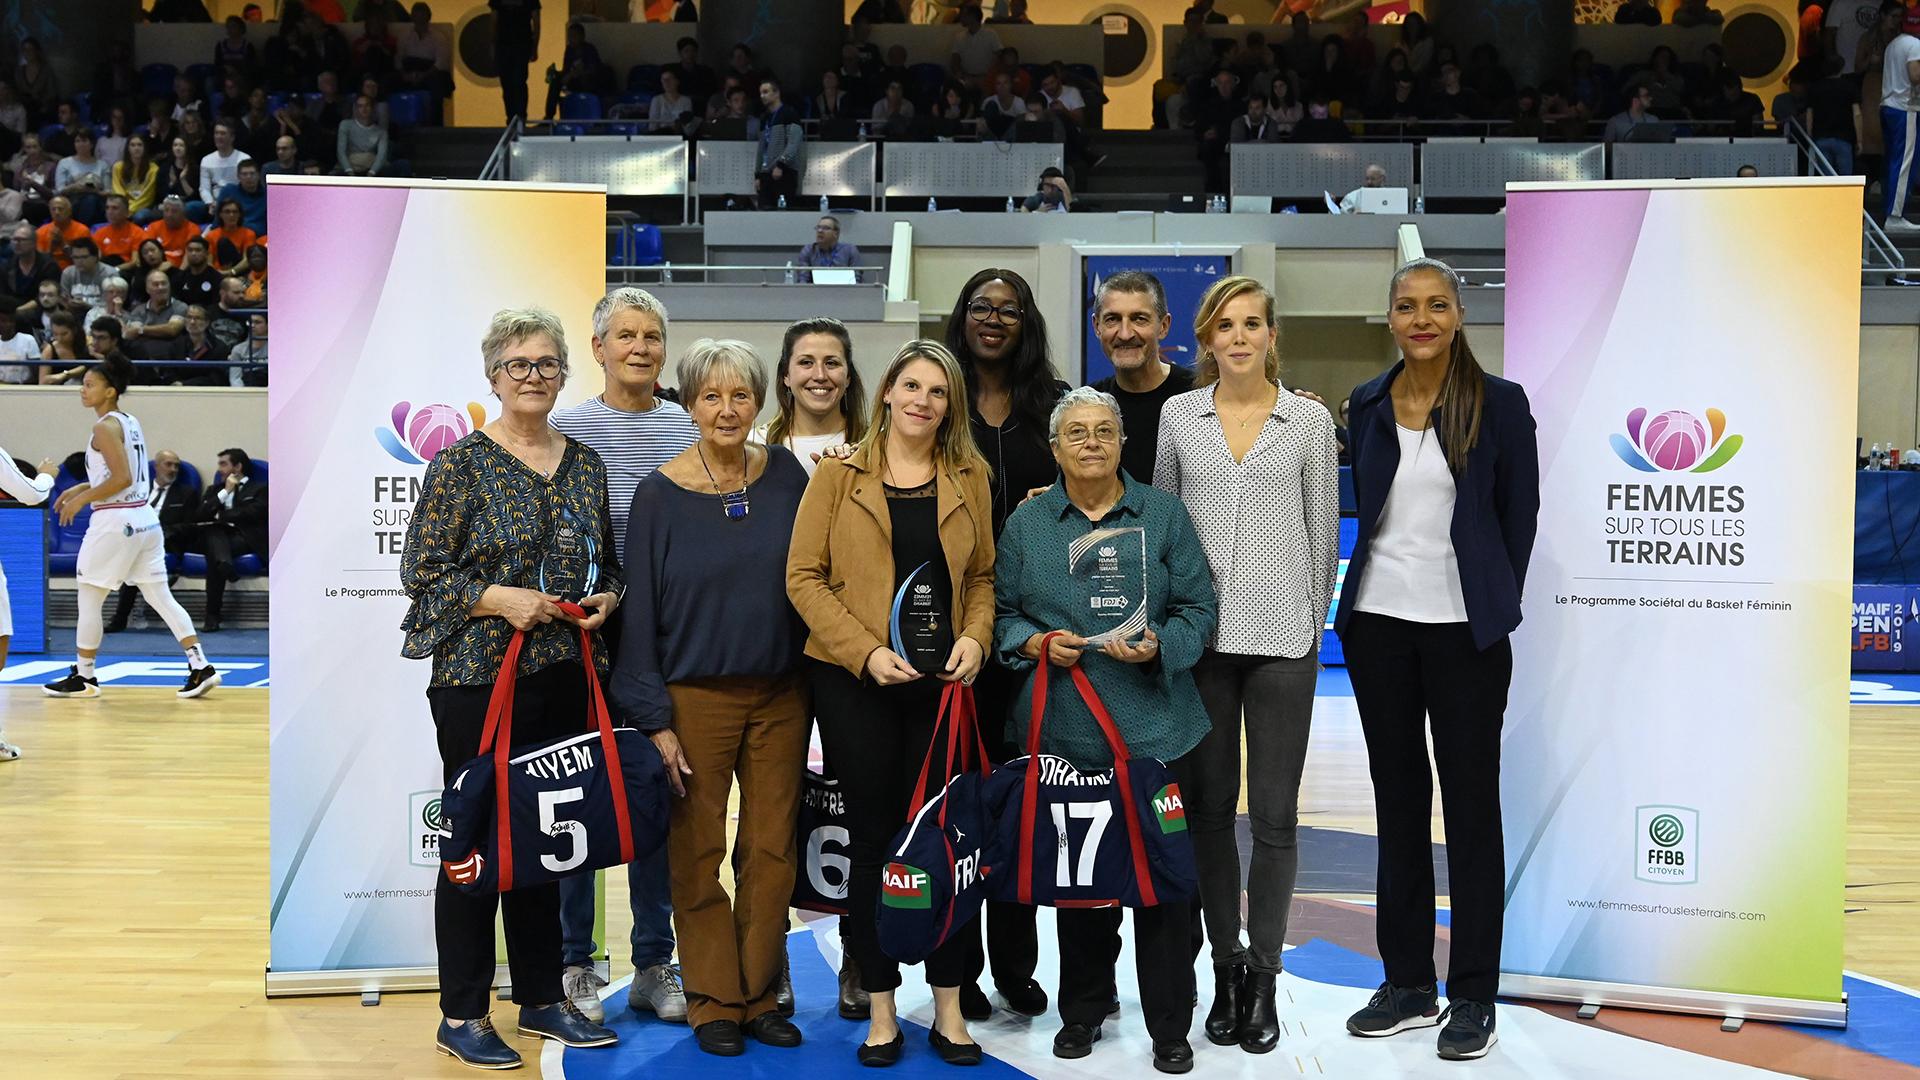 La gouvernance des fédérations sportives à l'heure de la féminisation